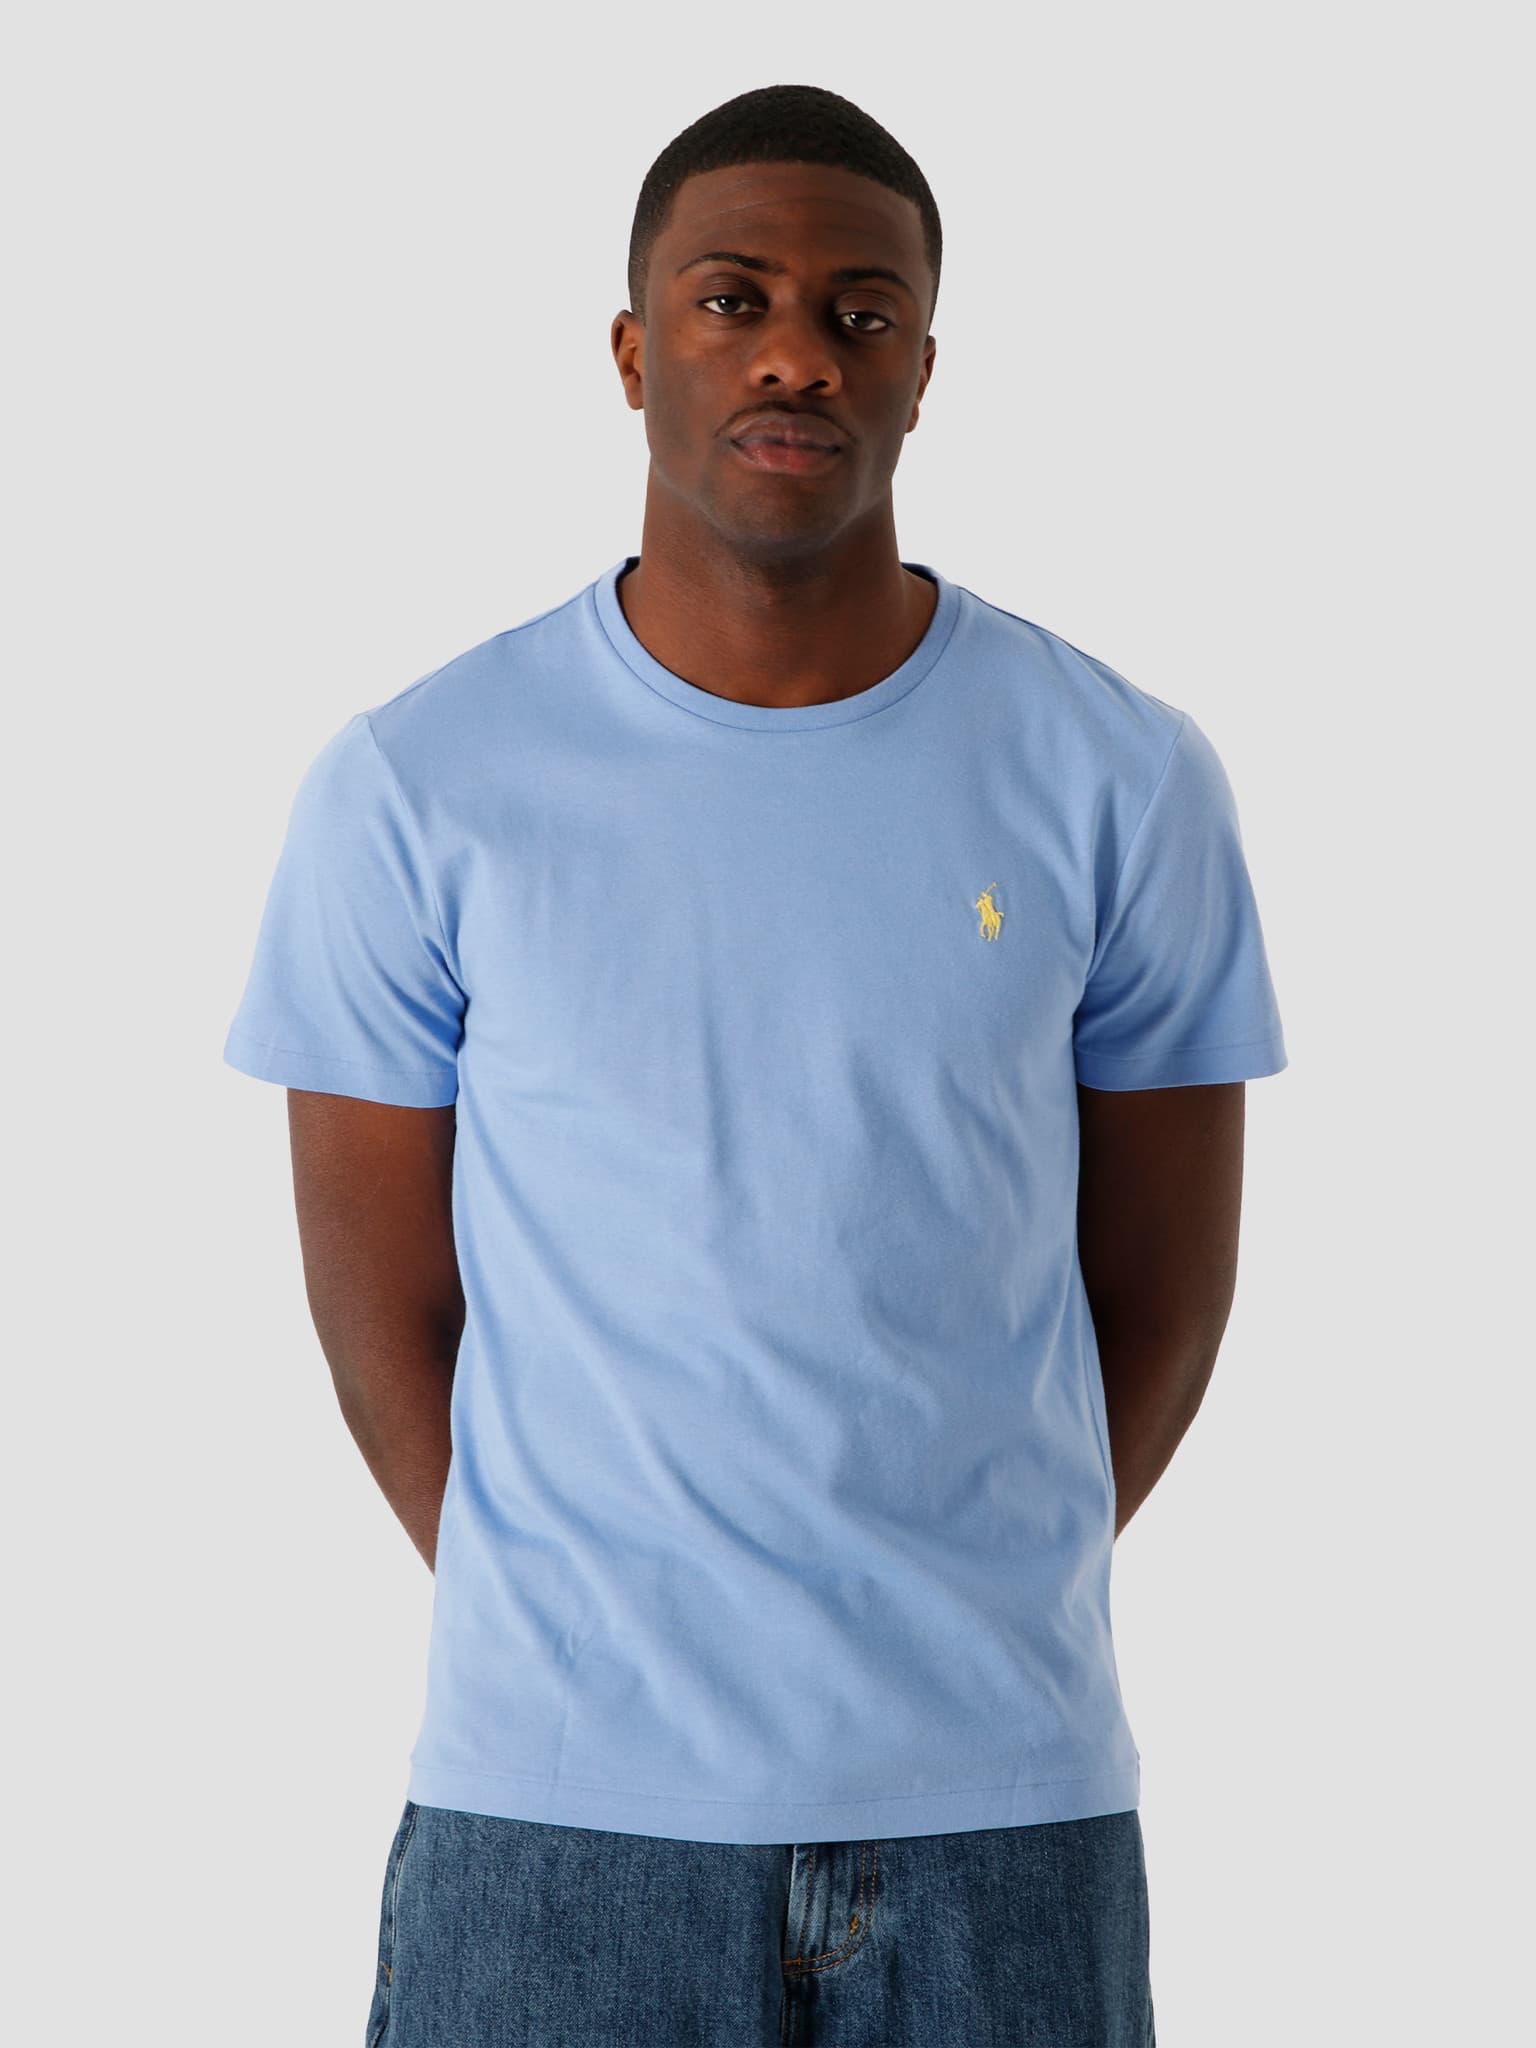 Jersey T-Shirt Blue 710671438200